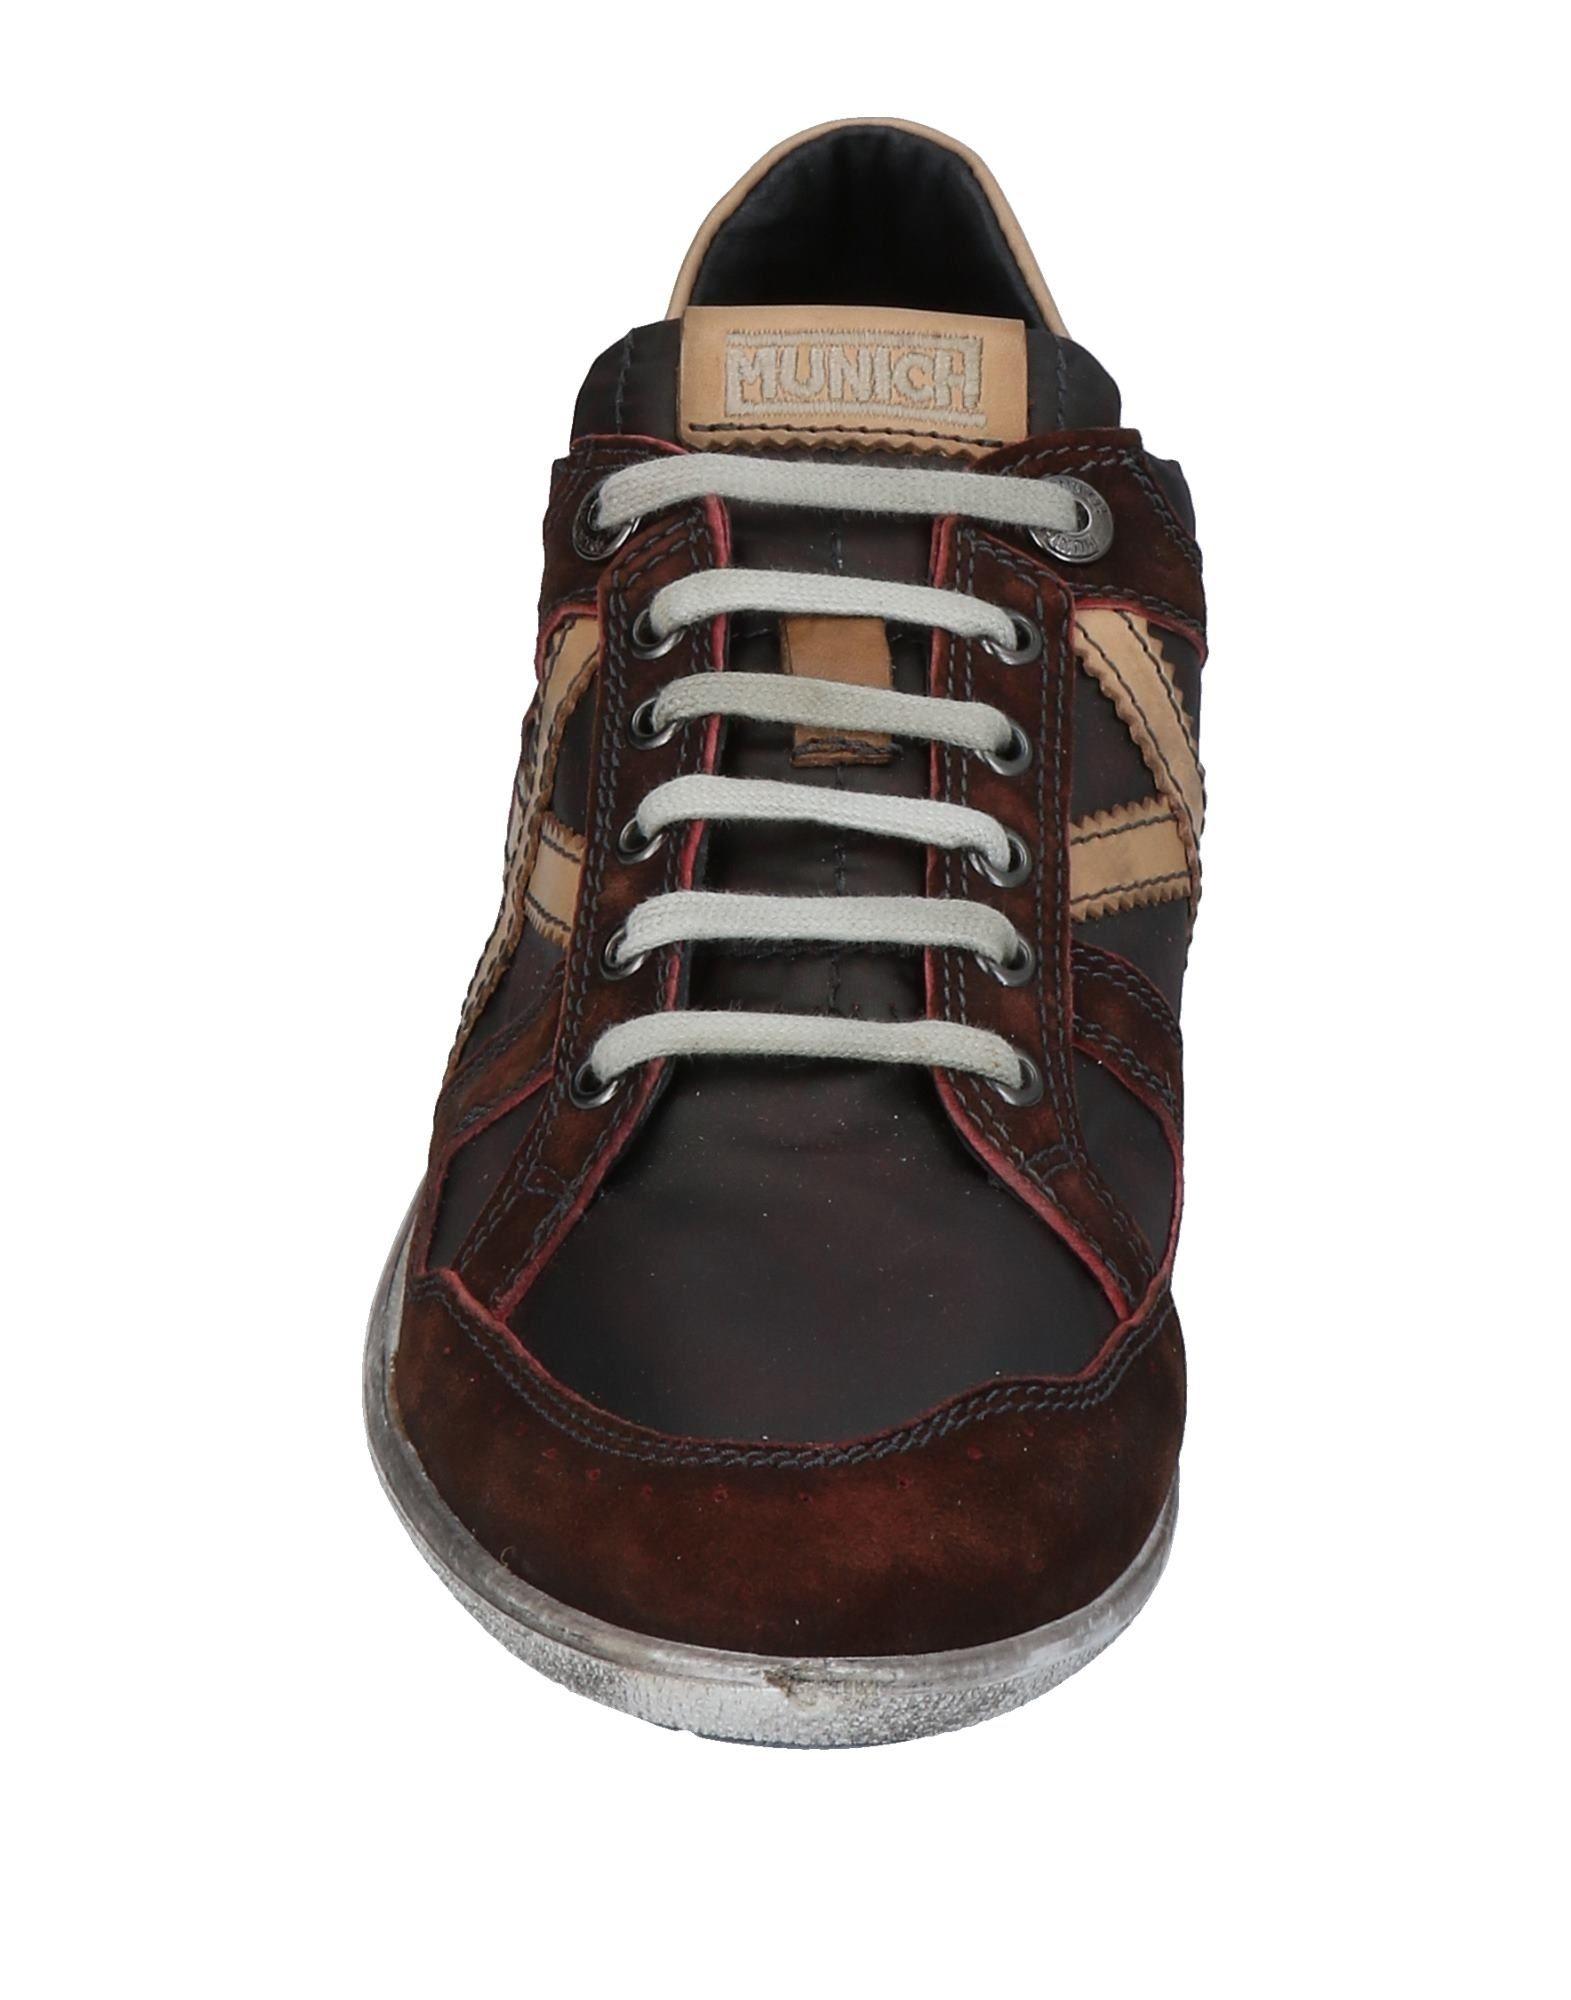 Rabatt echte Munich Schuhe Munich echte Sneakers Herren  11454601TU 5f1dab